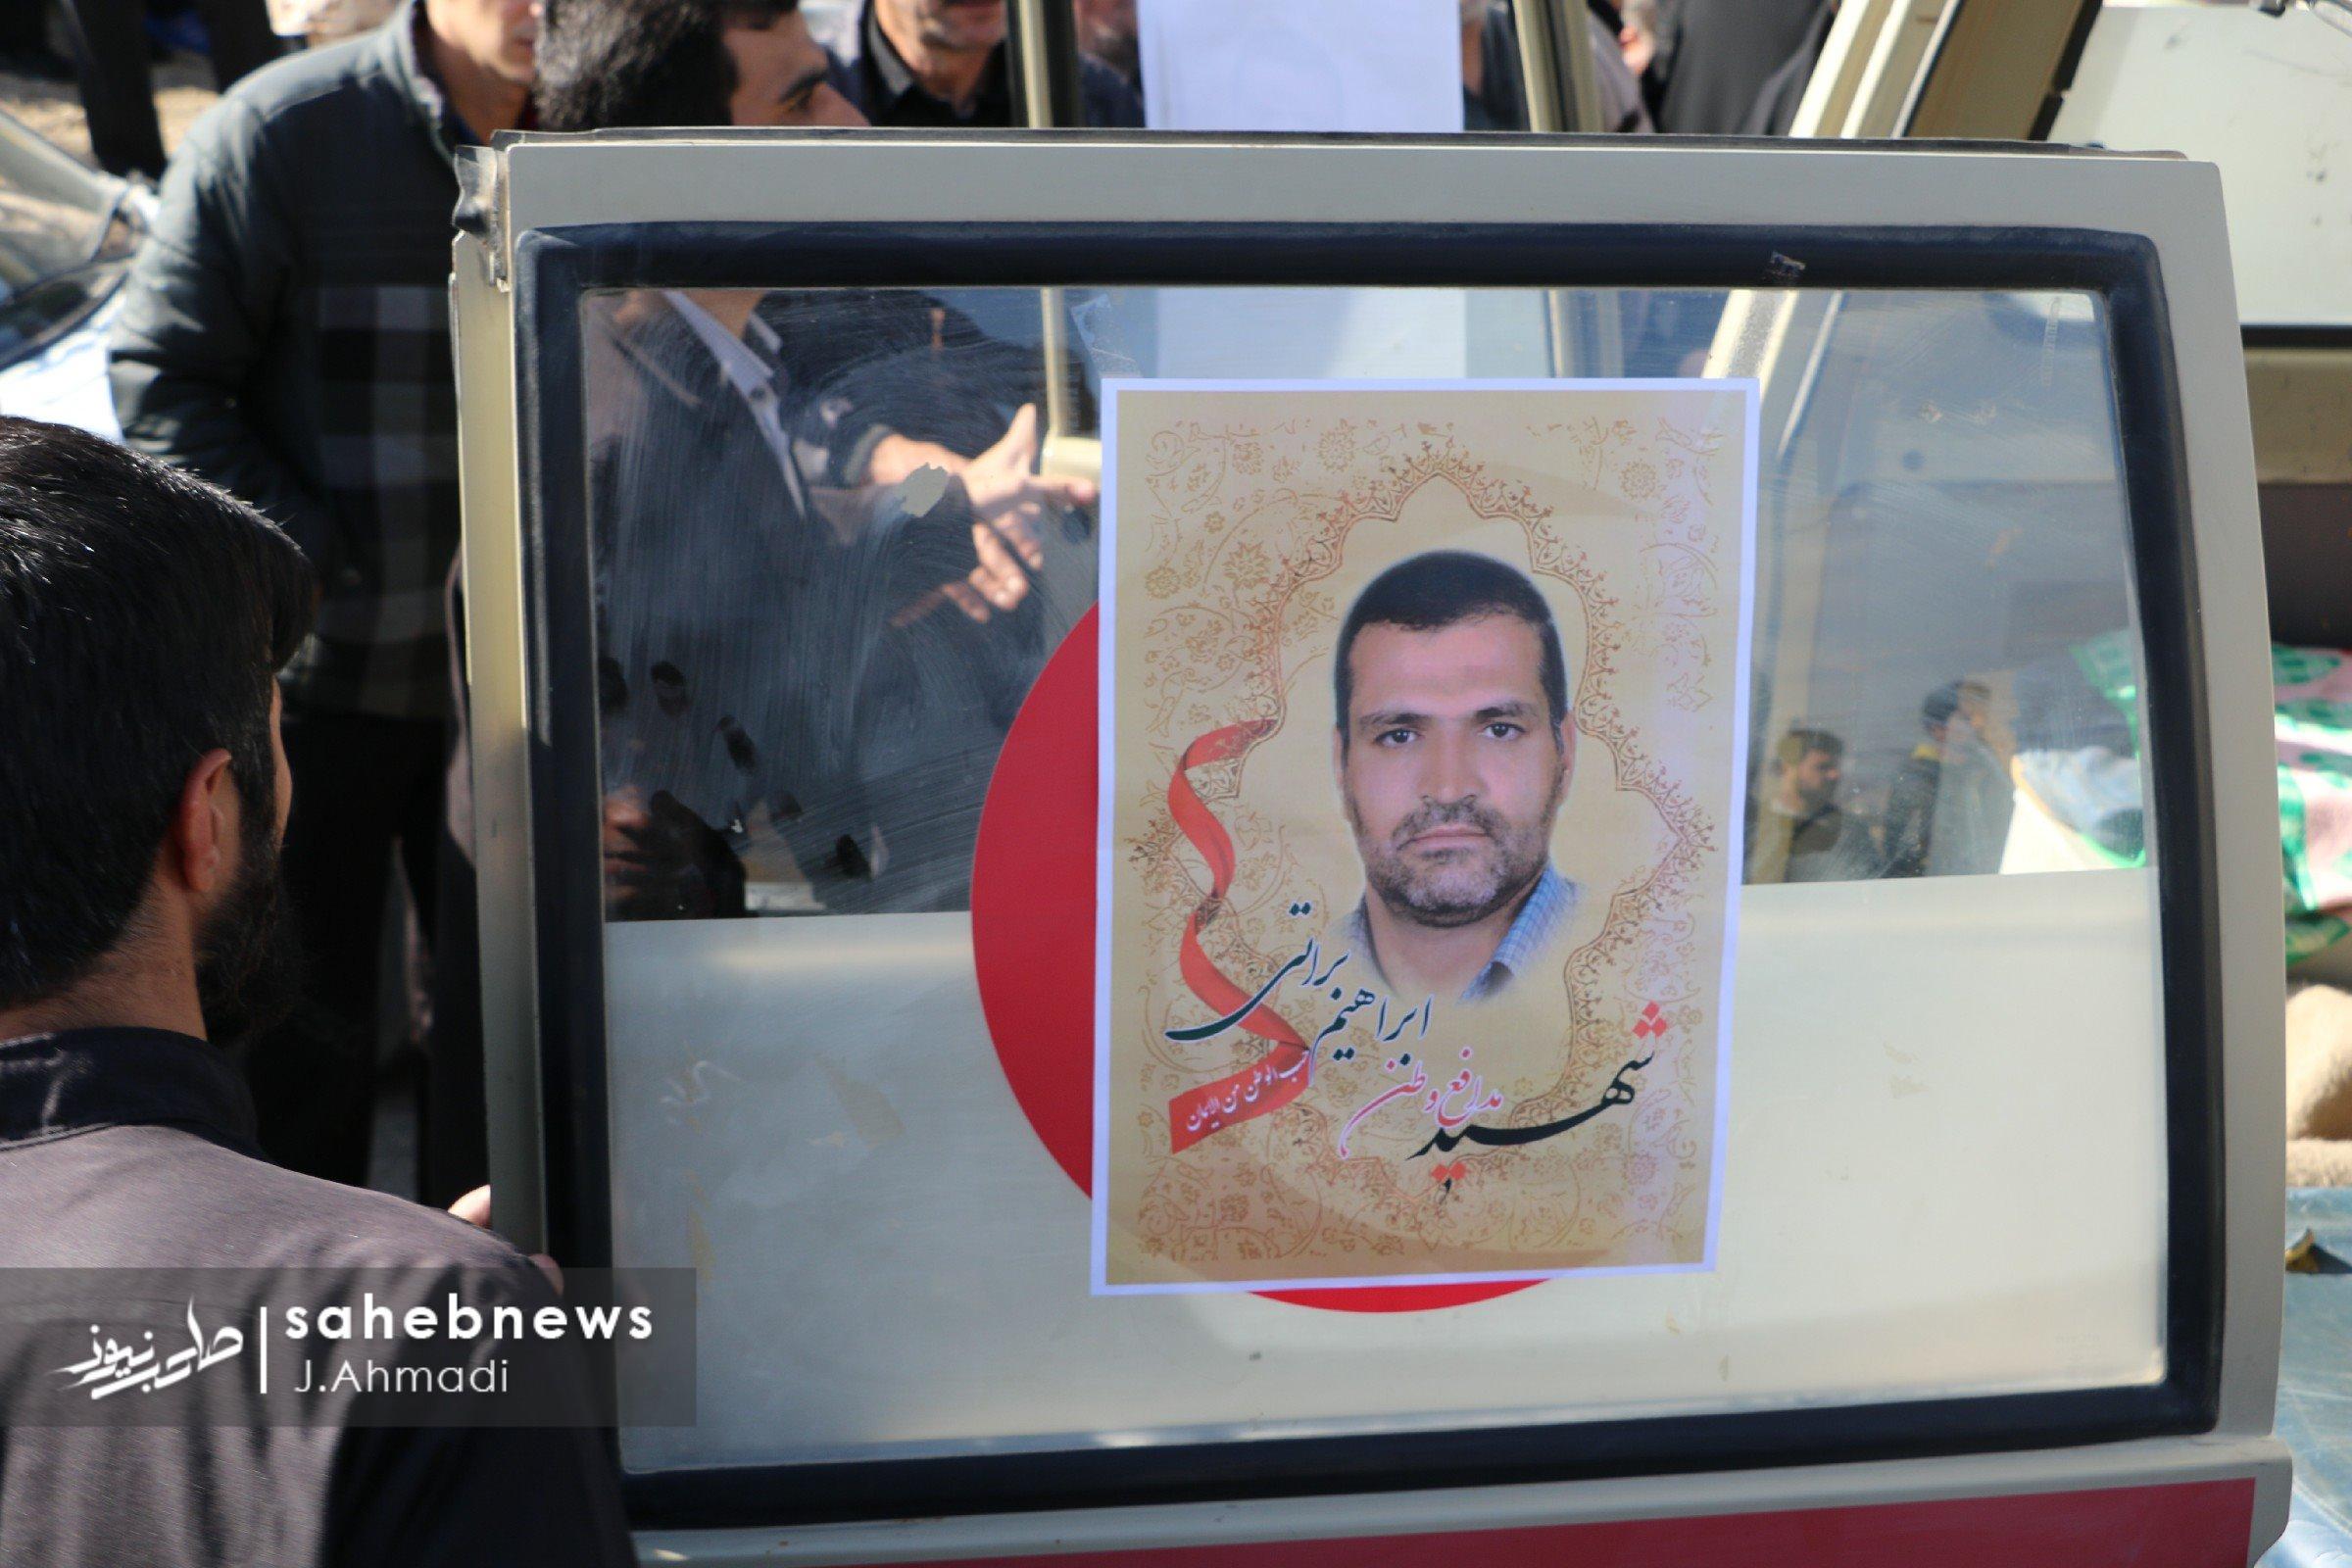 27 شهید حادثه تروریستی اصفهان (20)